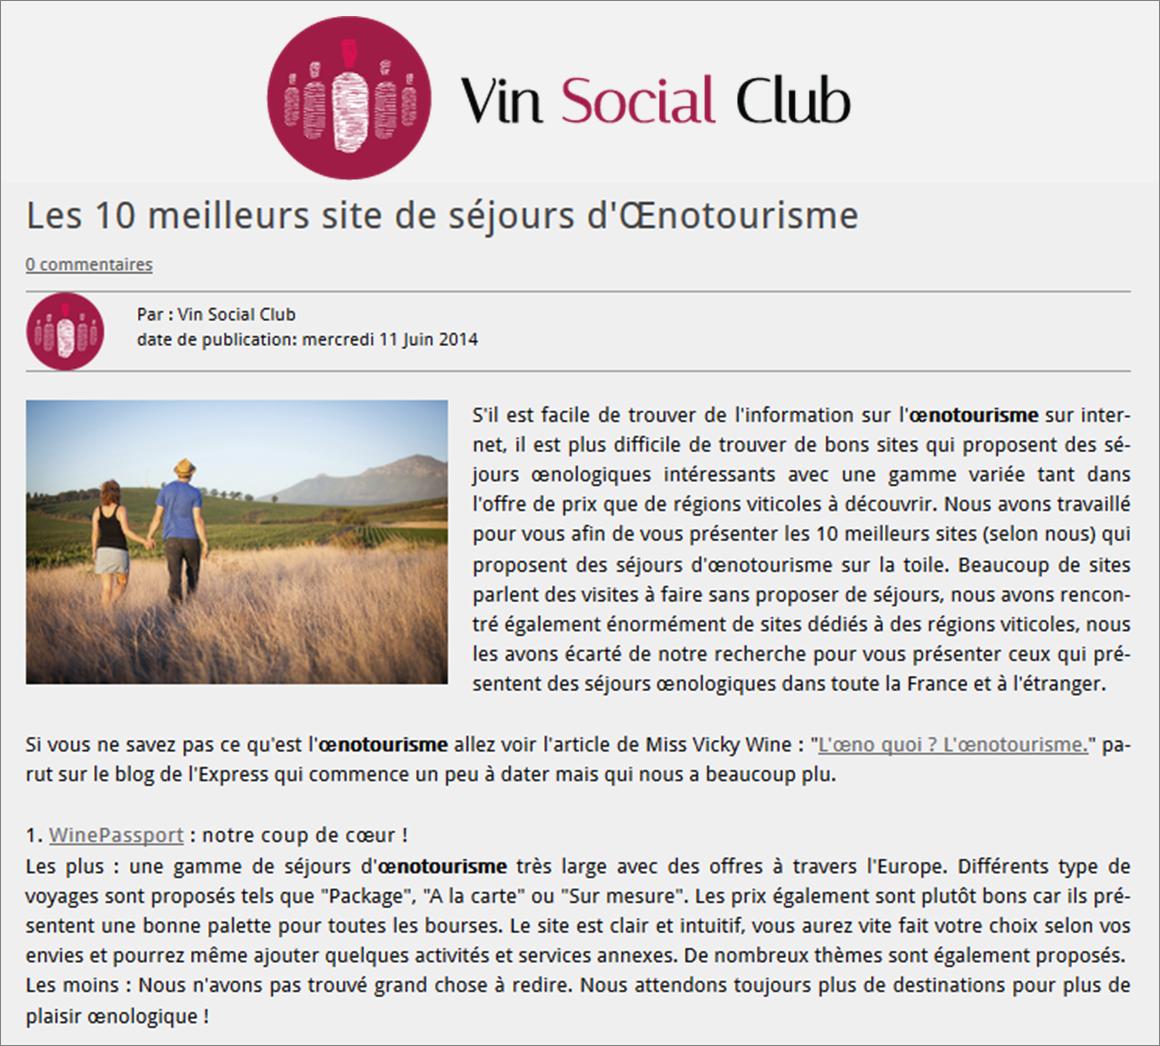 Wine passport lu meilleur site de s jours d 39 oenotourisme for Meilleur site reservation sejour